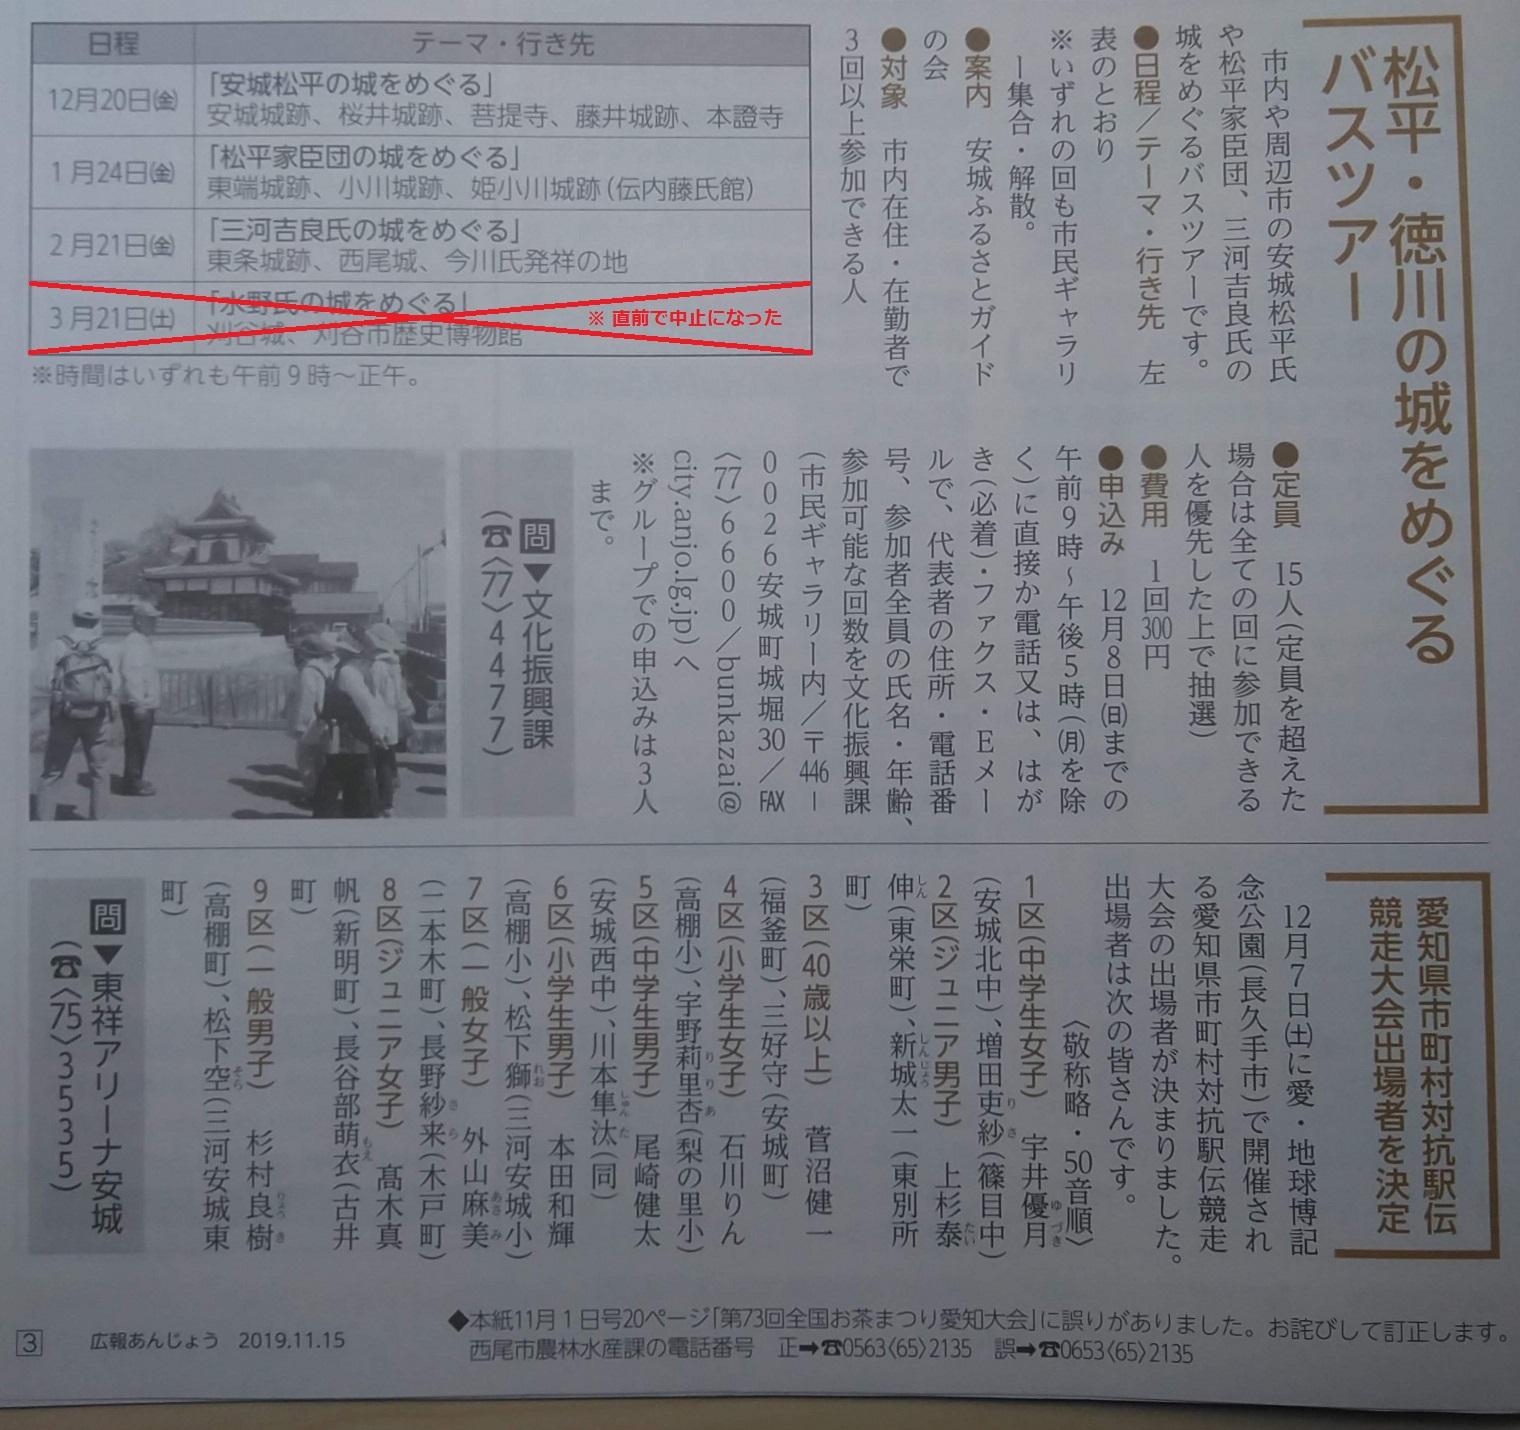 2019.11.15 広報あんじょう - しろめぐりバスツアー 1520-1430